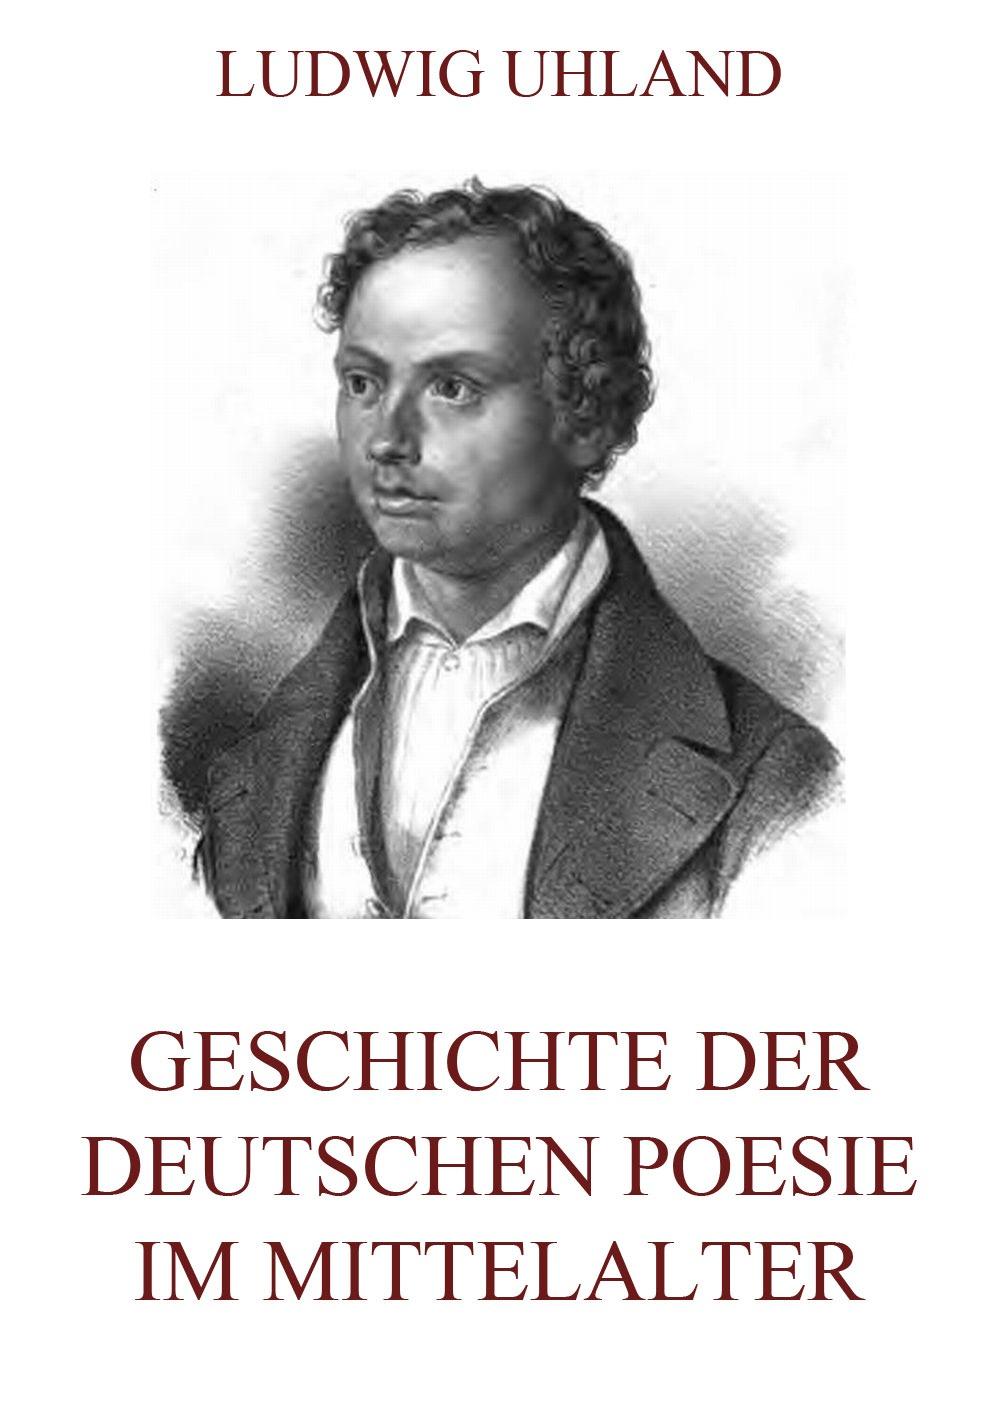 купить Ludwig Uhland Geschichte der deutschen Poesie im Mittelalter дешево